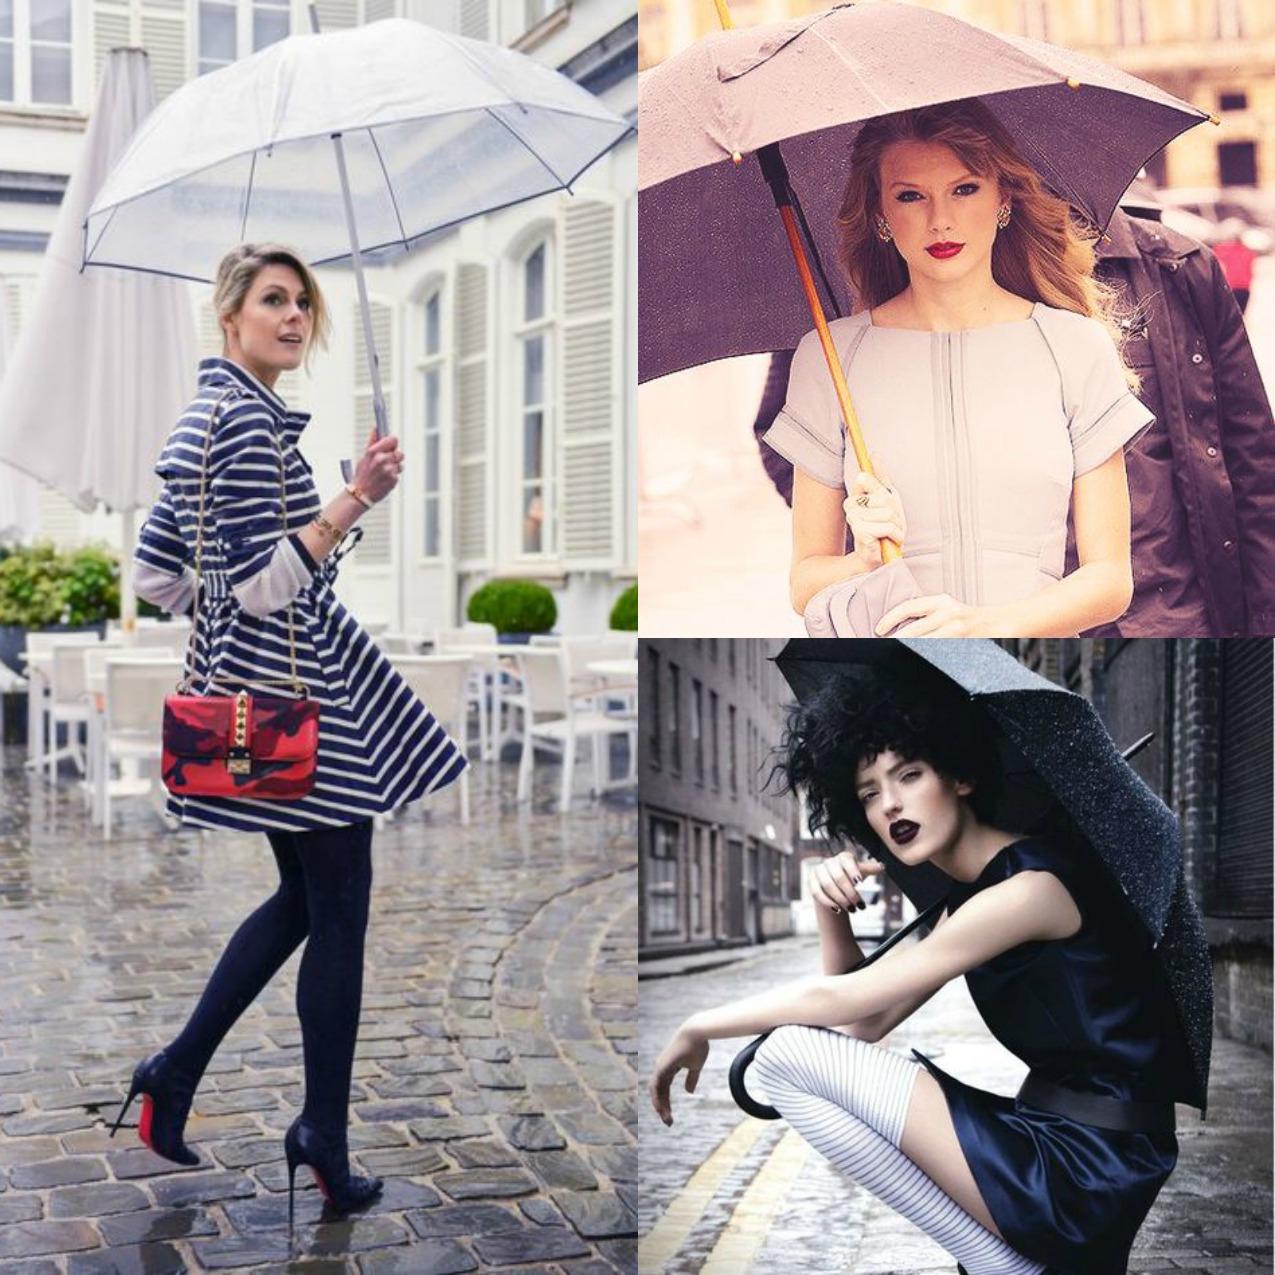 caa3fa4cd49e Come vestirsi quando piove  i look per l autunno - TheChiliCool ...